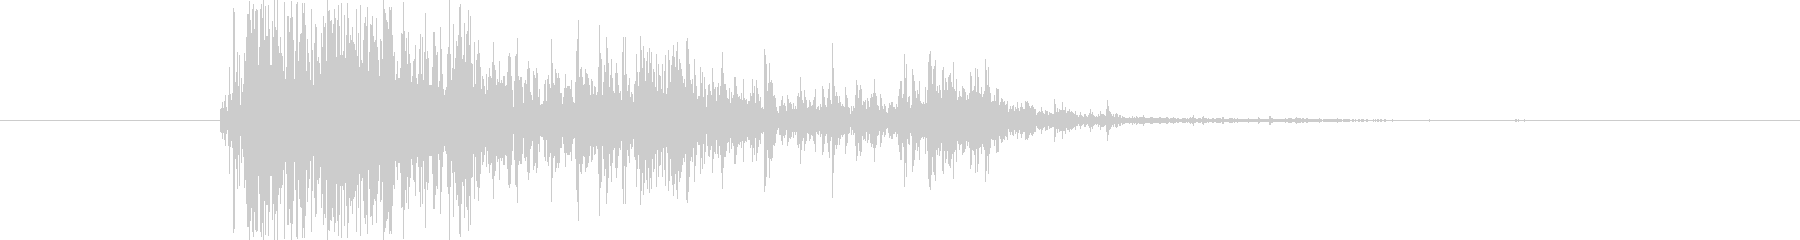 ブレーク ウッドスモール01の未再生の波形